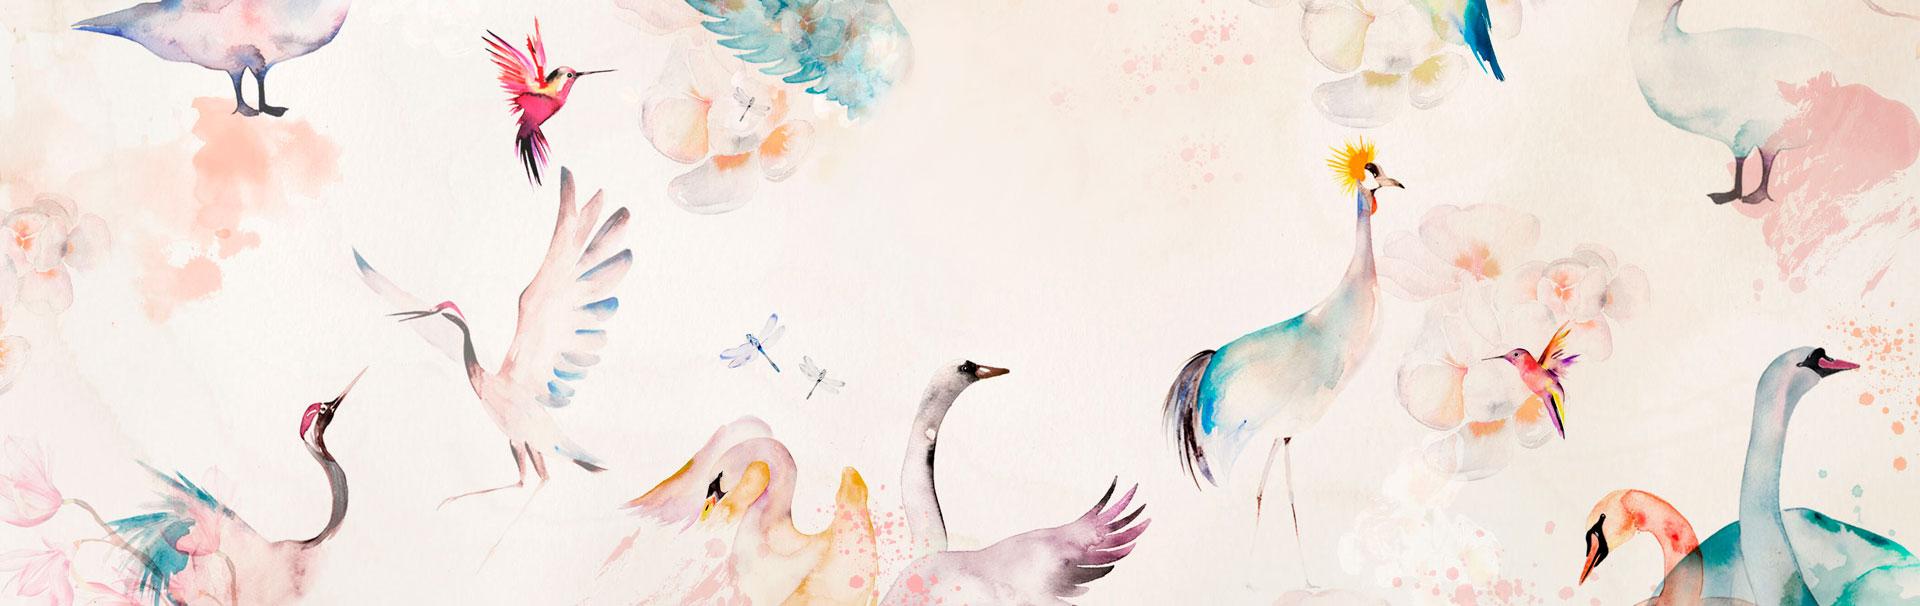 Fondo Pájaros Colores Me And Me